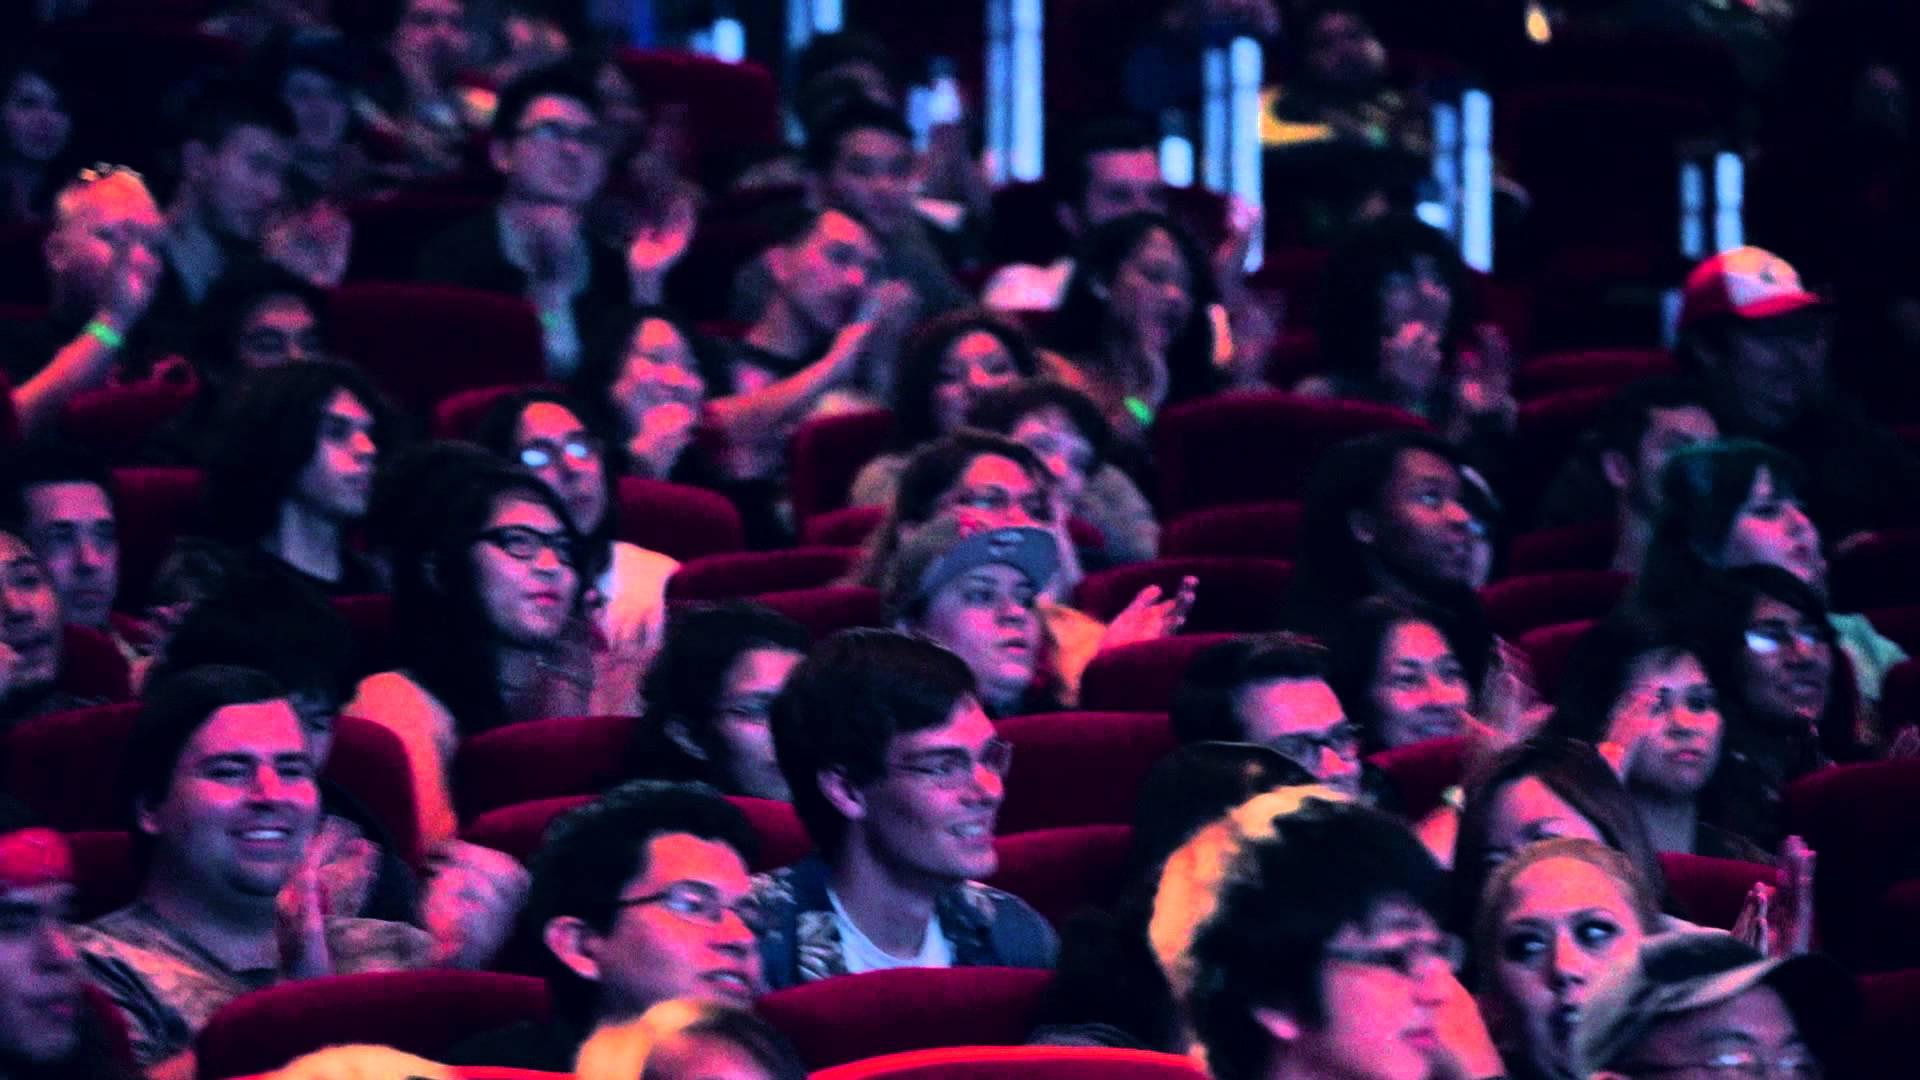 『キングダムハーツ -HD 2.5 ReMIX-』北米ローンチイベントのダイジェスト映像が公開!野村哲也氏や下村陽子さんも登場し大盛況!